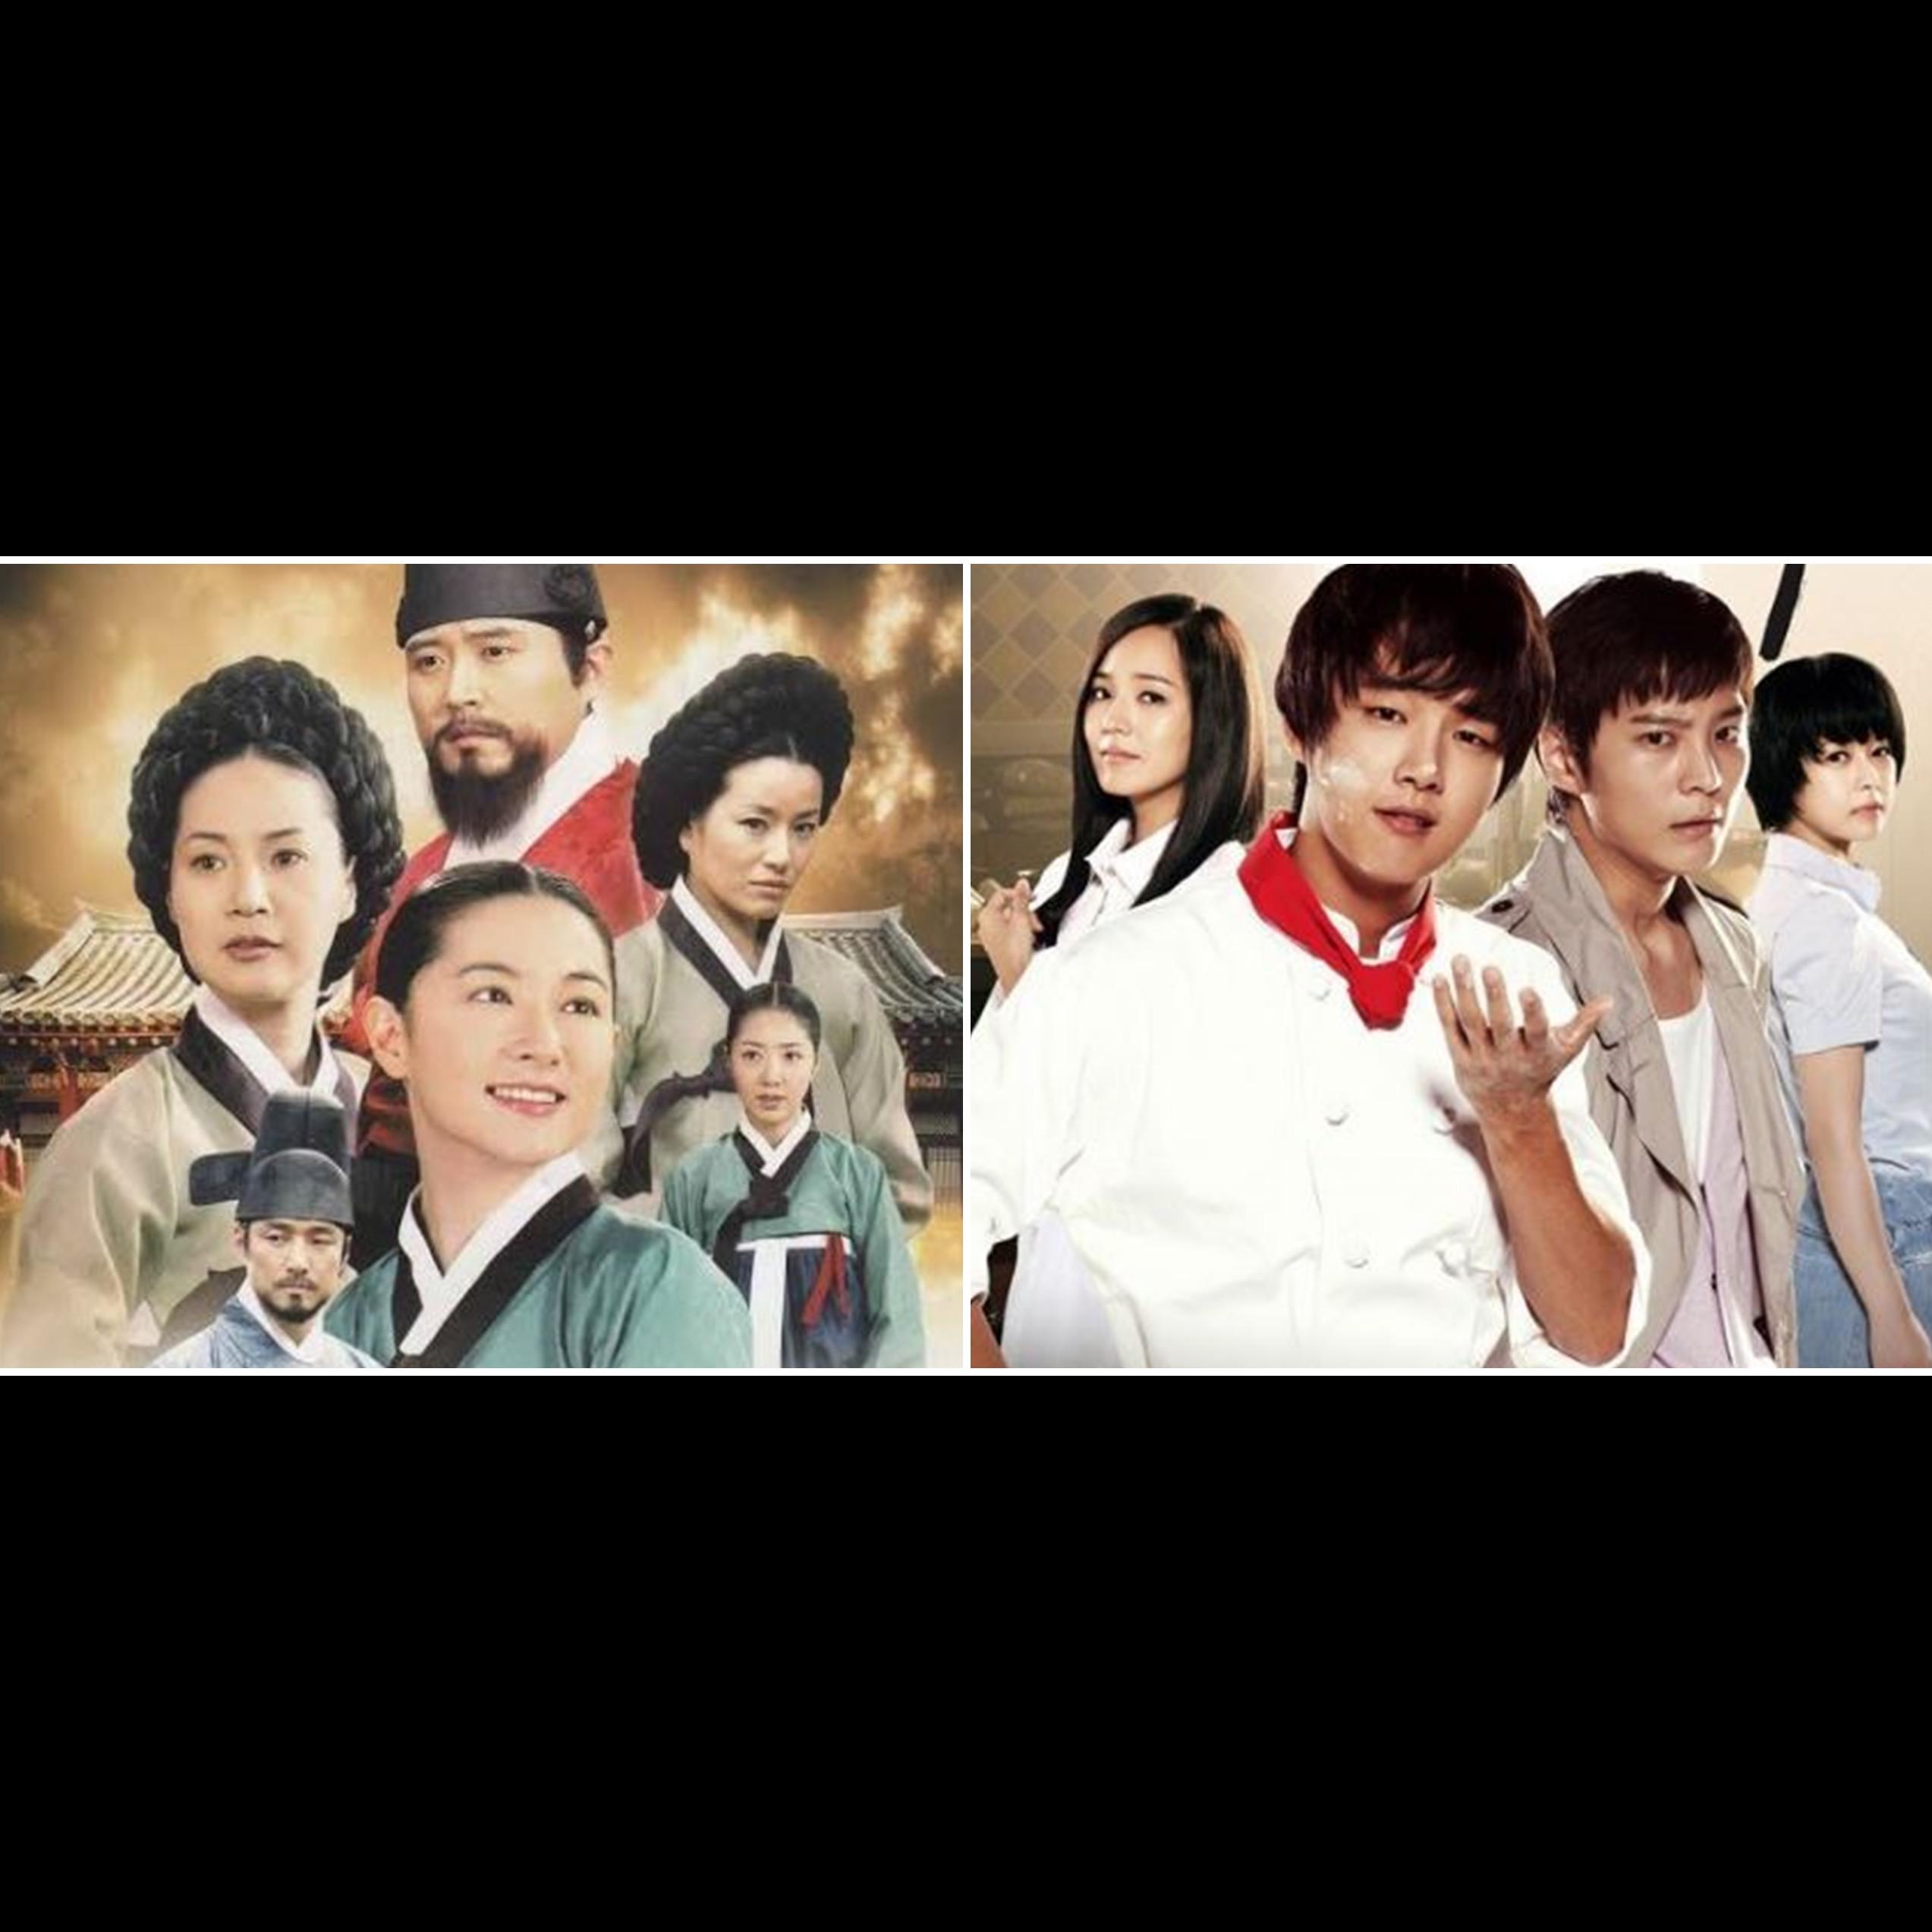 10 Drama Korea dengan rating tertinggi era 2000-an, wajib nonton